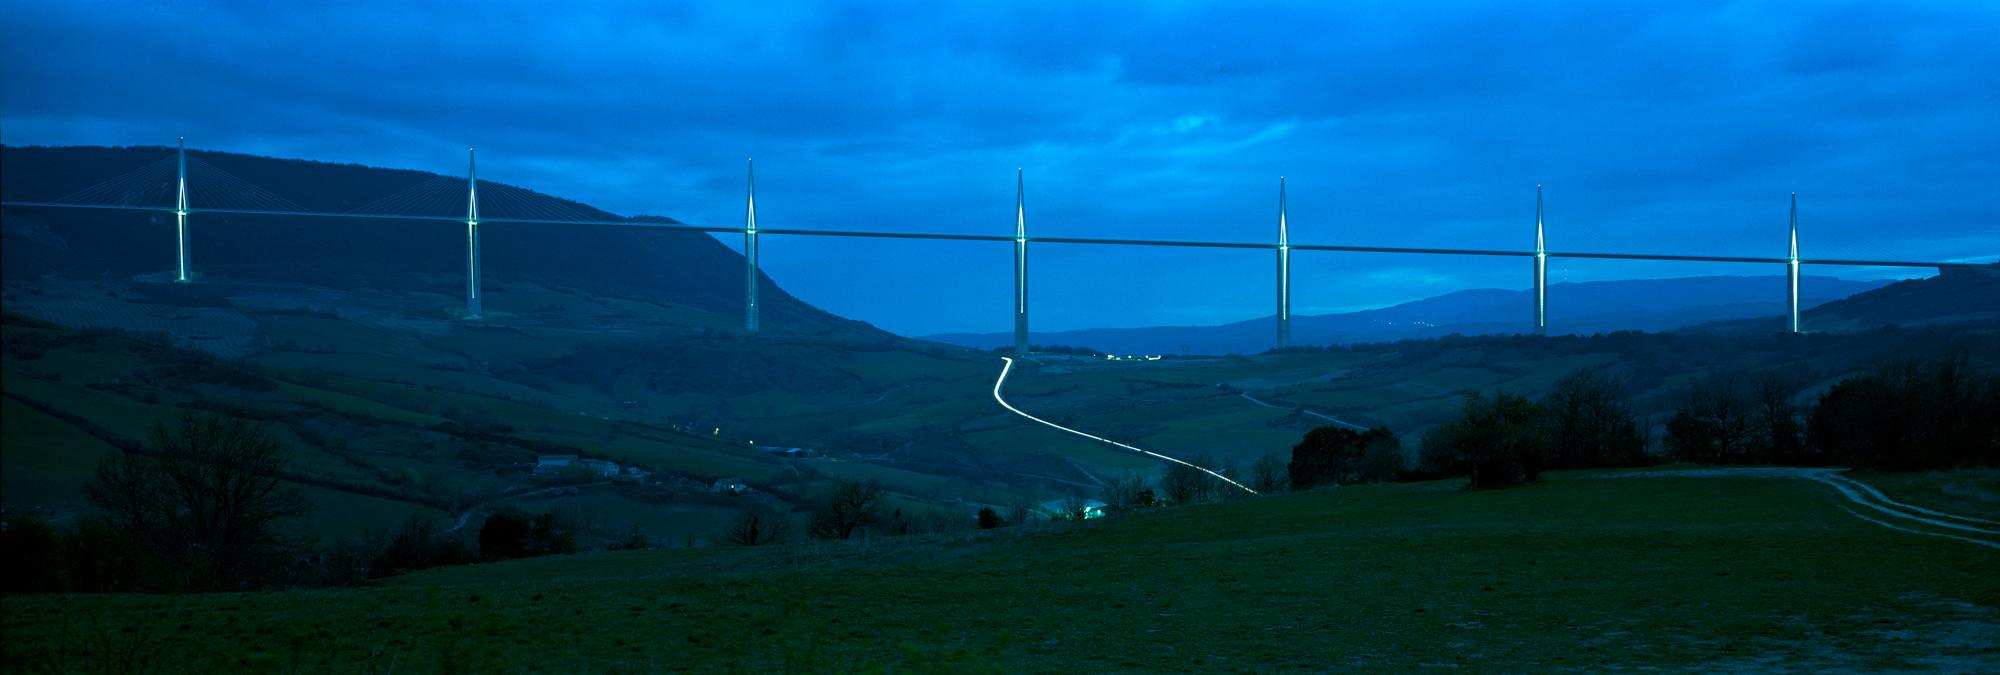 Das Viaduc de Millau ist die längste Schrägseilbrücke der Welt und das höchste Bauwerk Frankreichs. Eigentlich als Auftragsarbeit entstand diese wunderbare Architekturaufnahme einer Brücke von Markus Bollen.